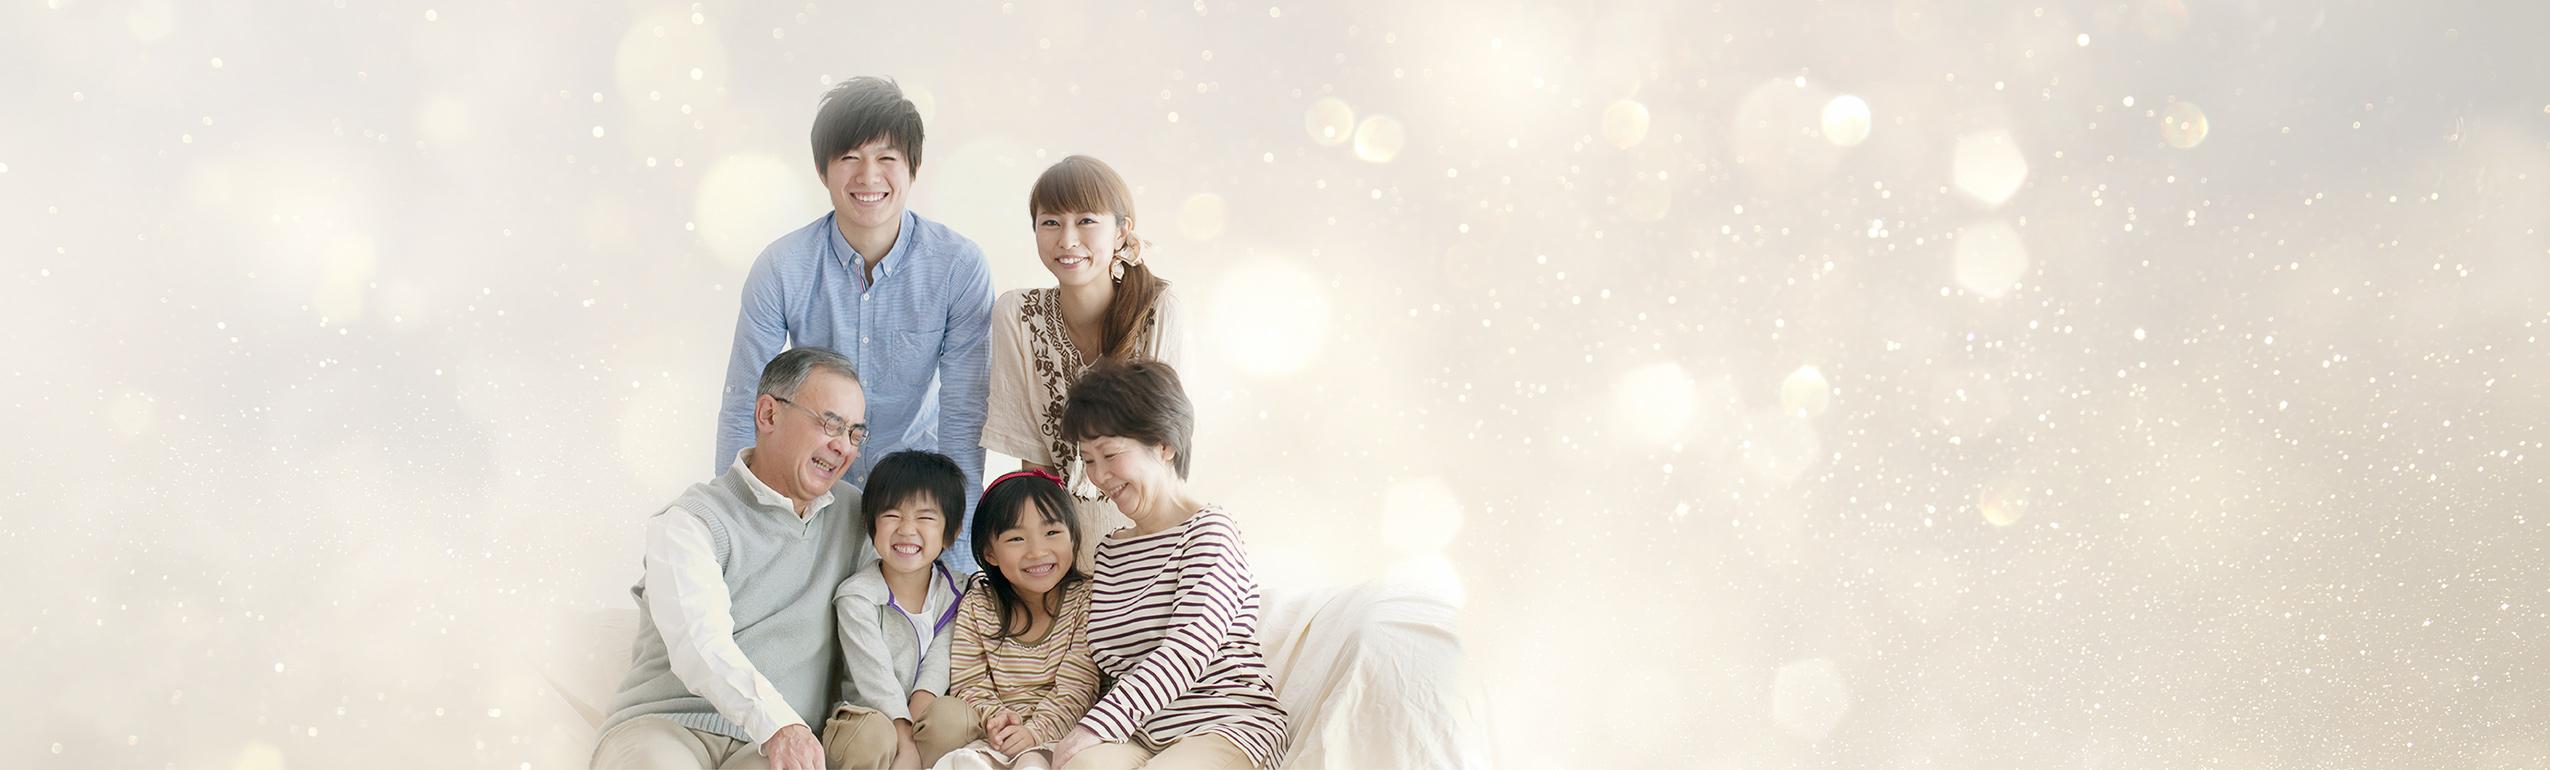 メインビジュアルの家族イメージ写真